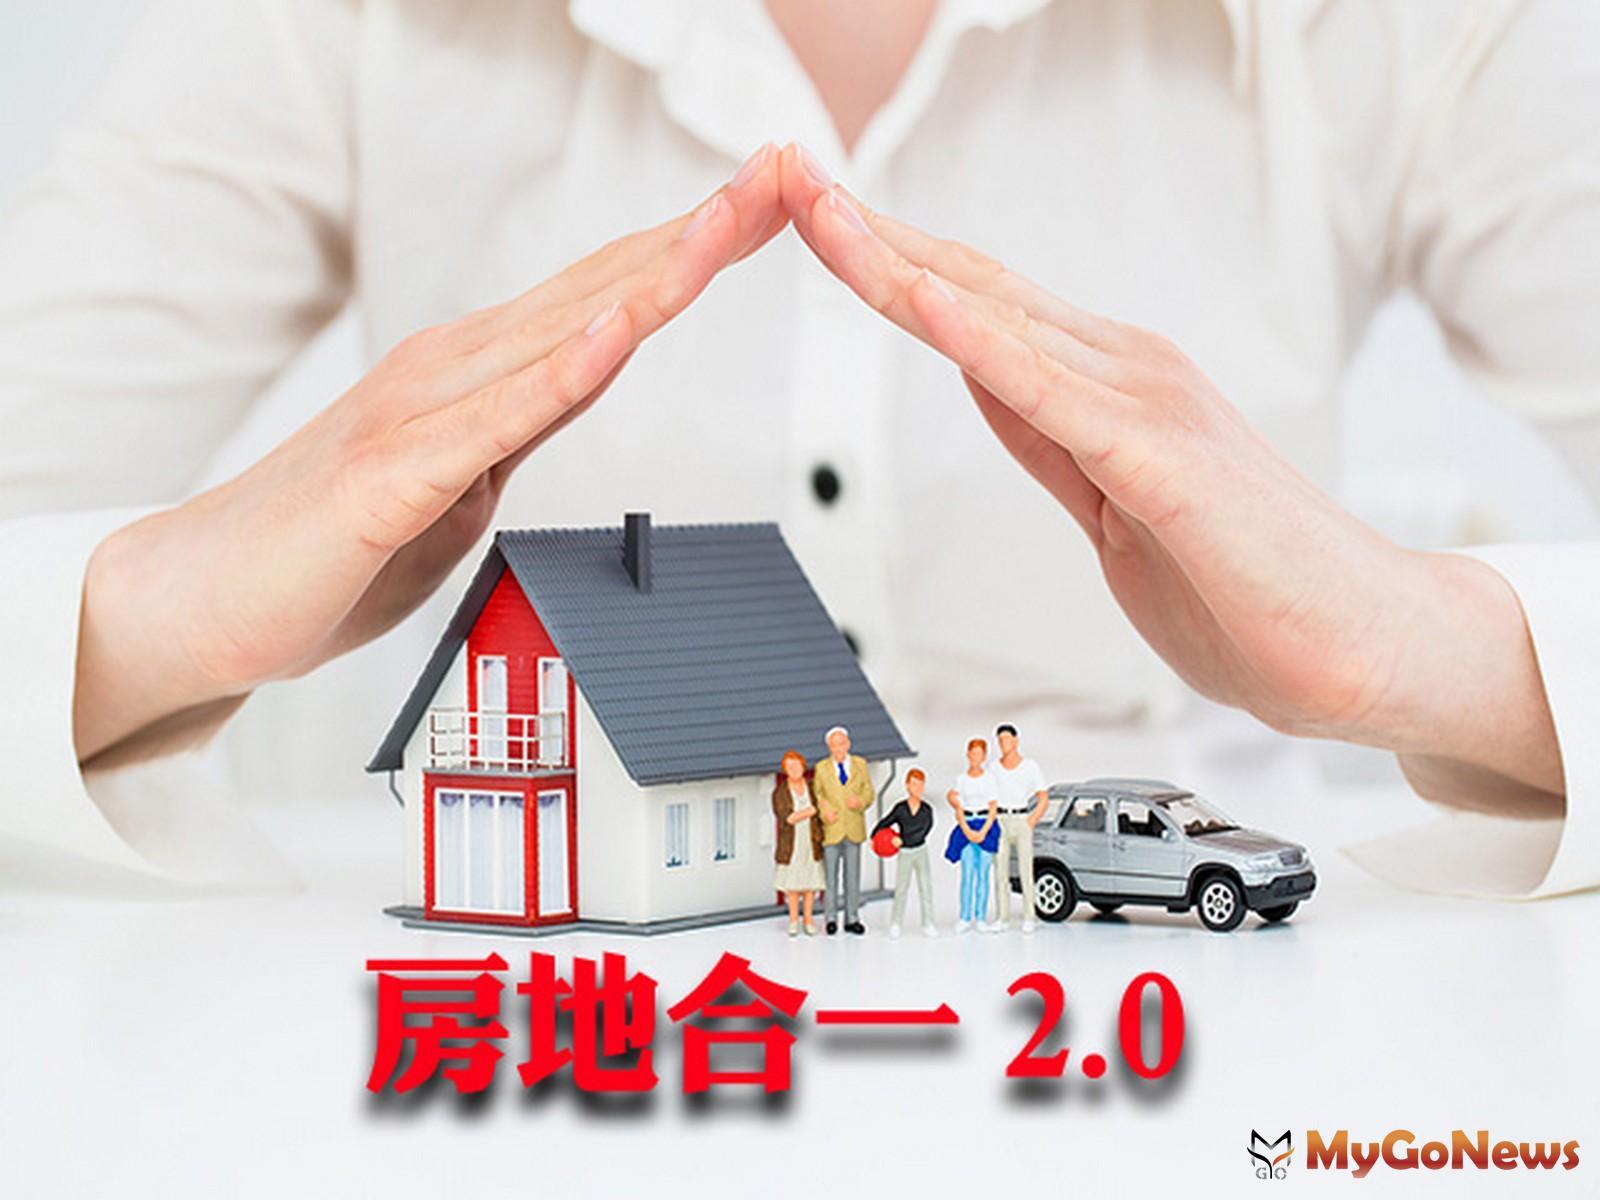 房地合一2.0,上路時間拍板,投資客先跑,上半年交易量增 MyGoNews房地產新聞 市場快訊